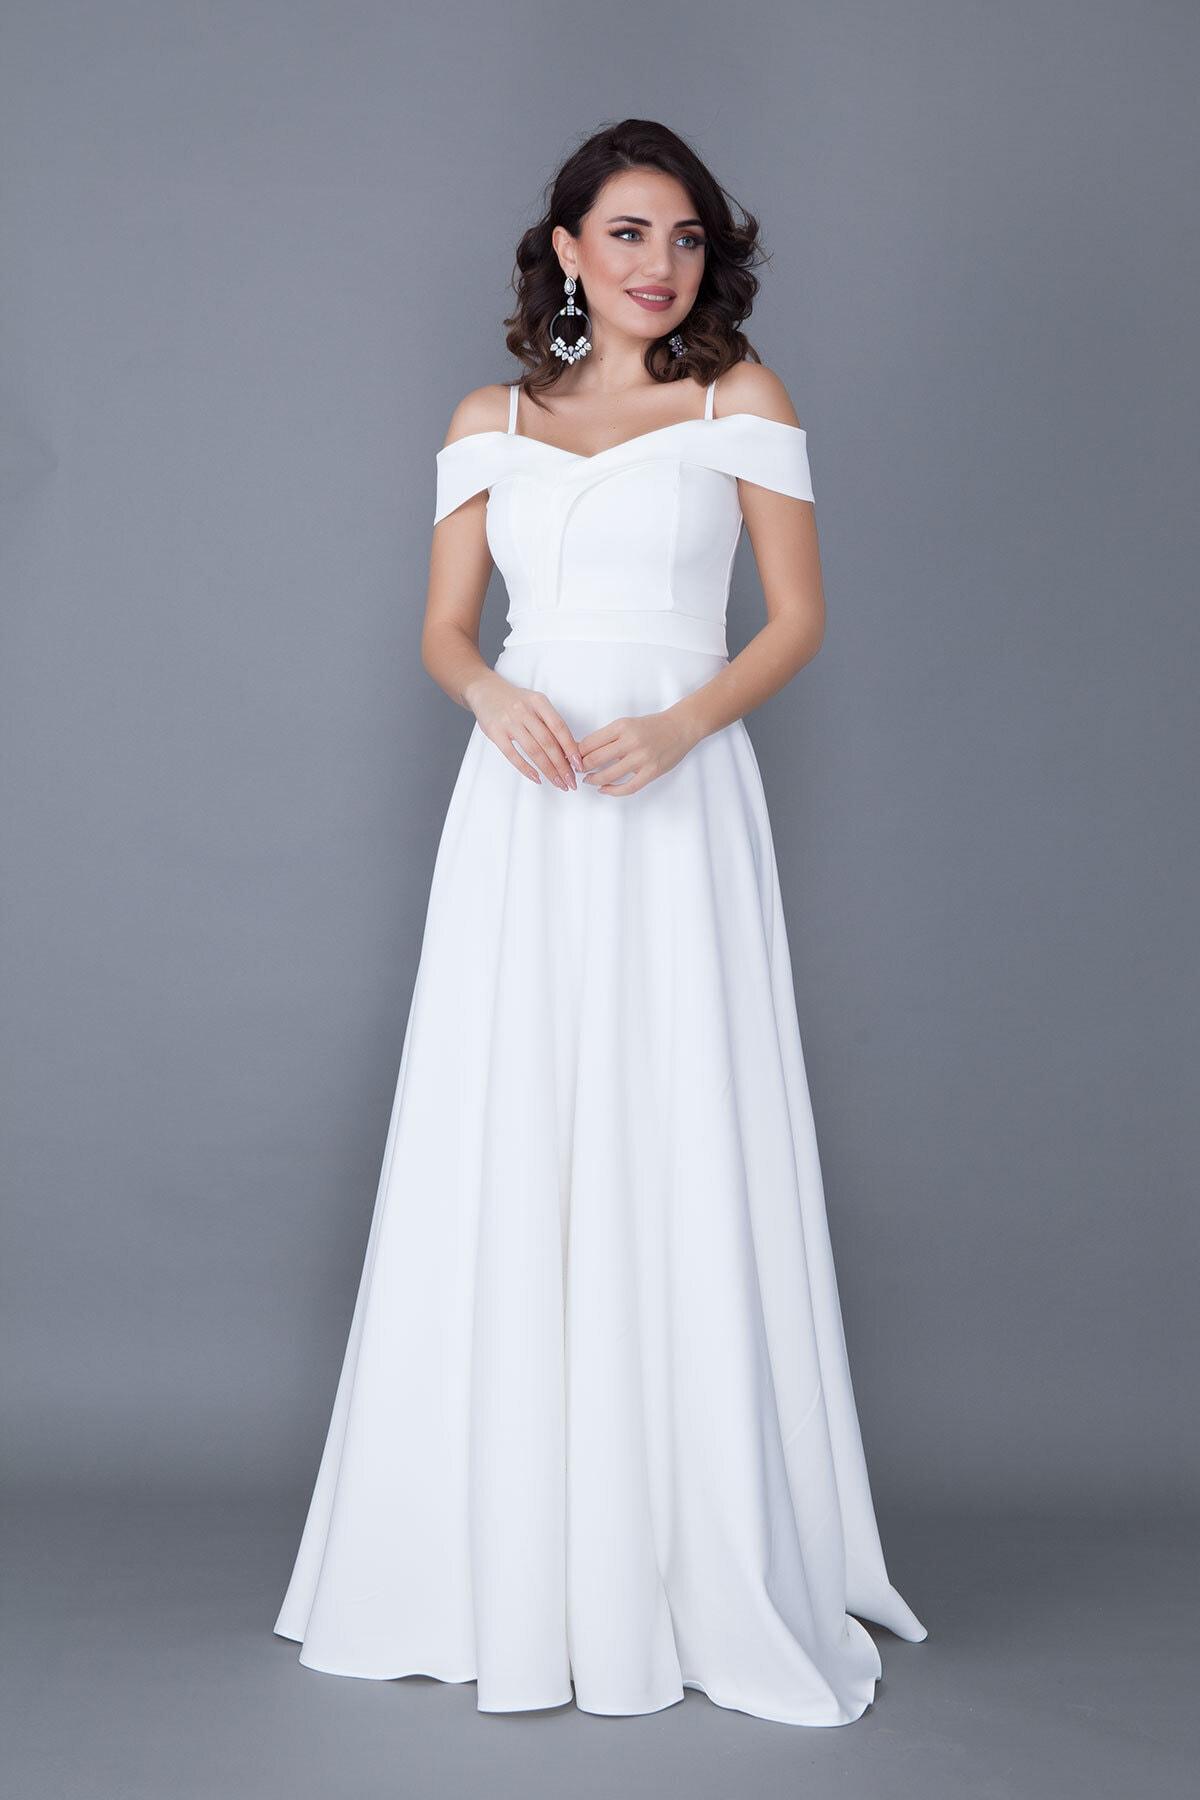 Bidoluelbise Kadın Beyaz Askılı Düşük Omuz Detay Maxi Boy Abiye Elbise 1